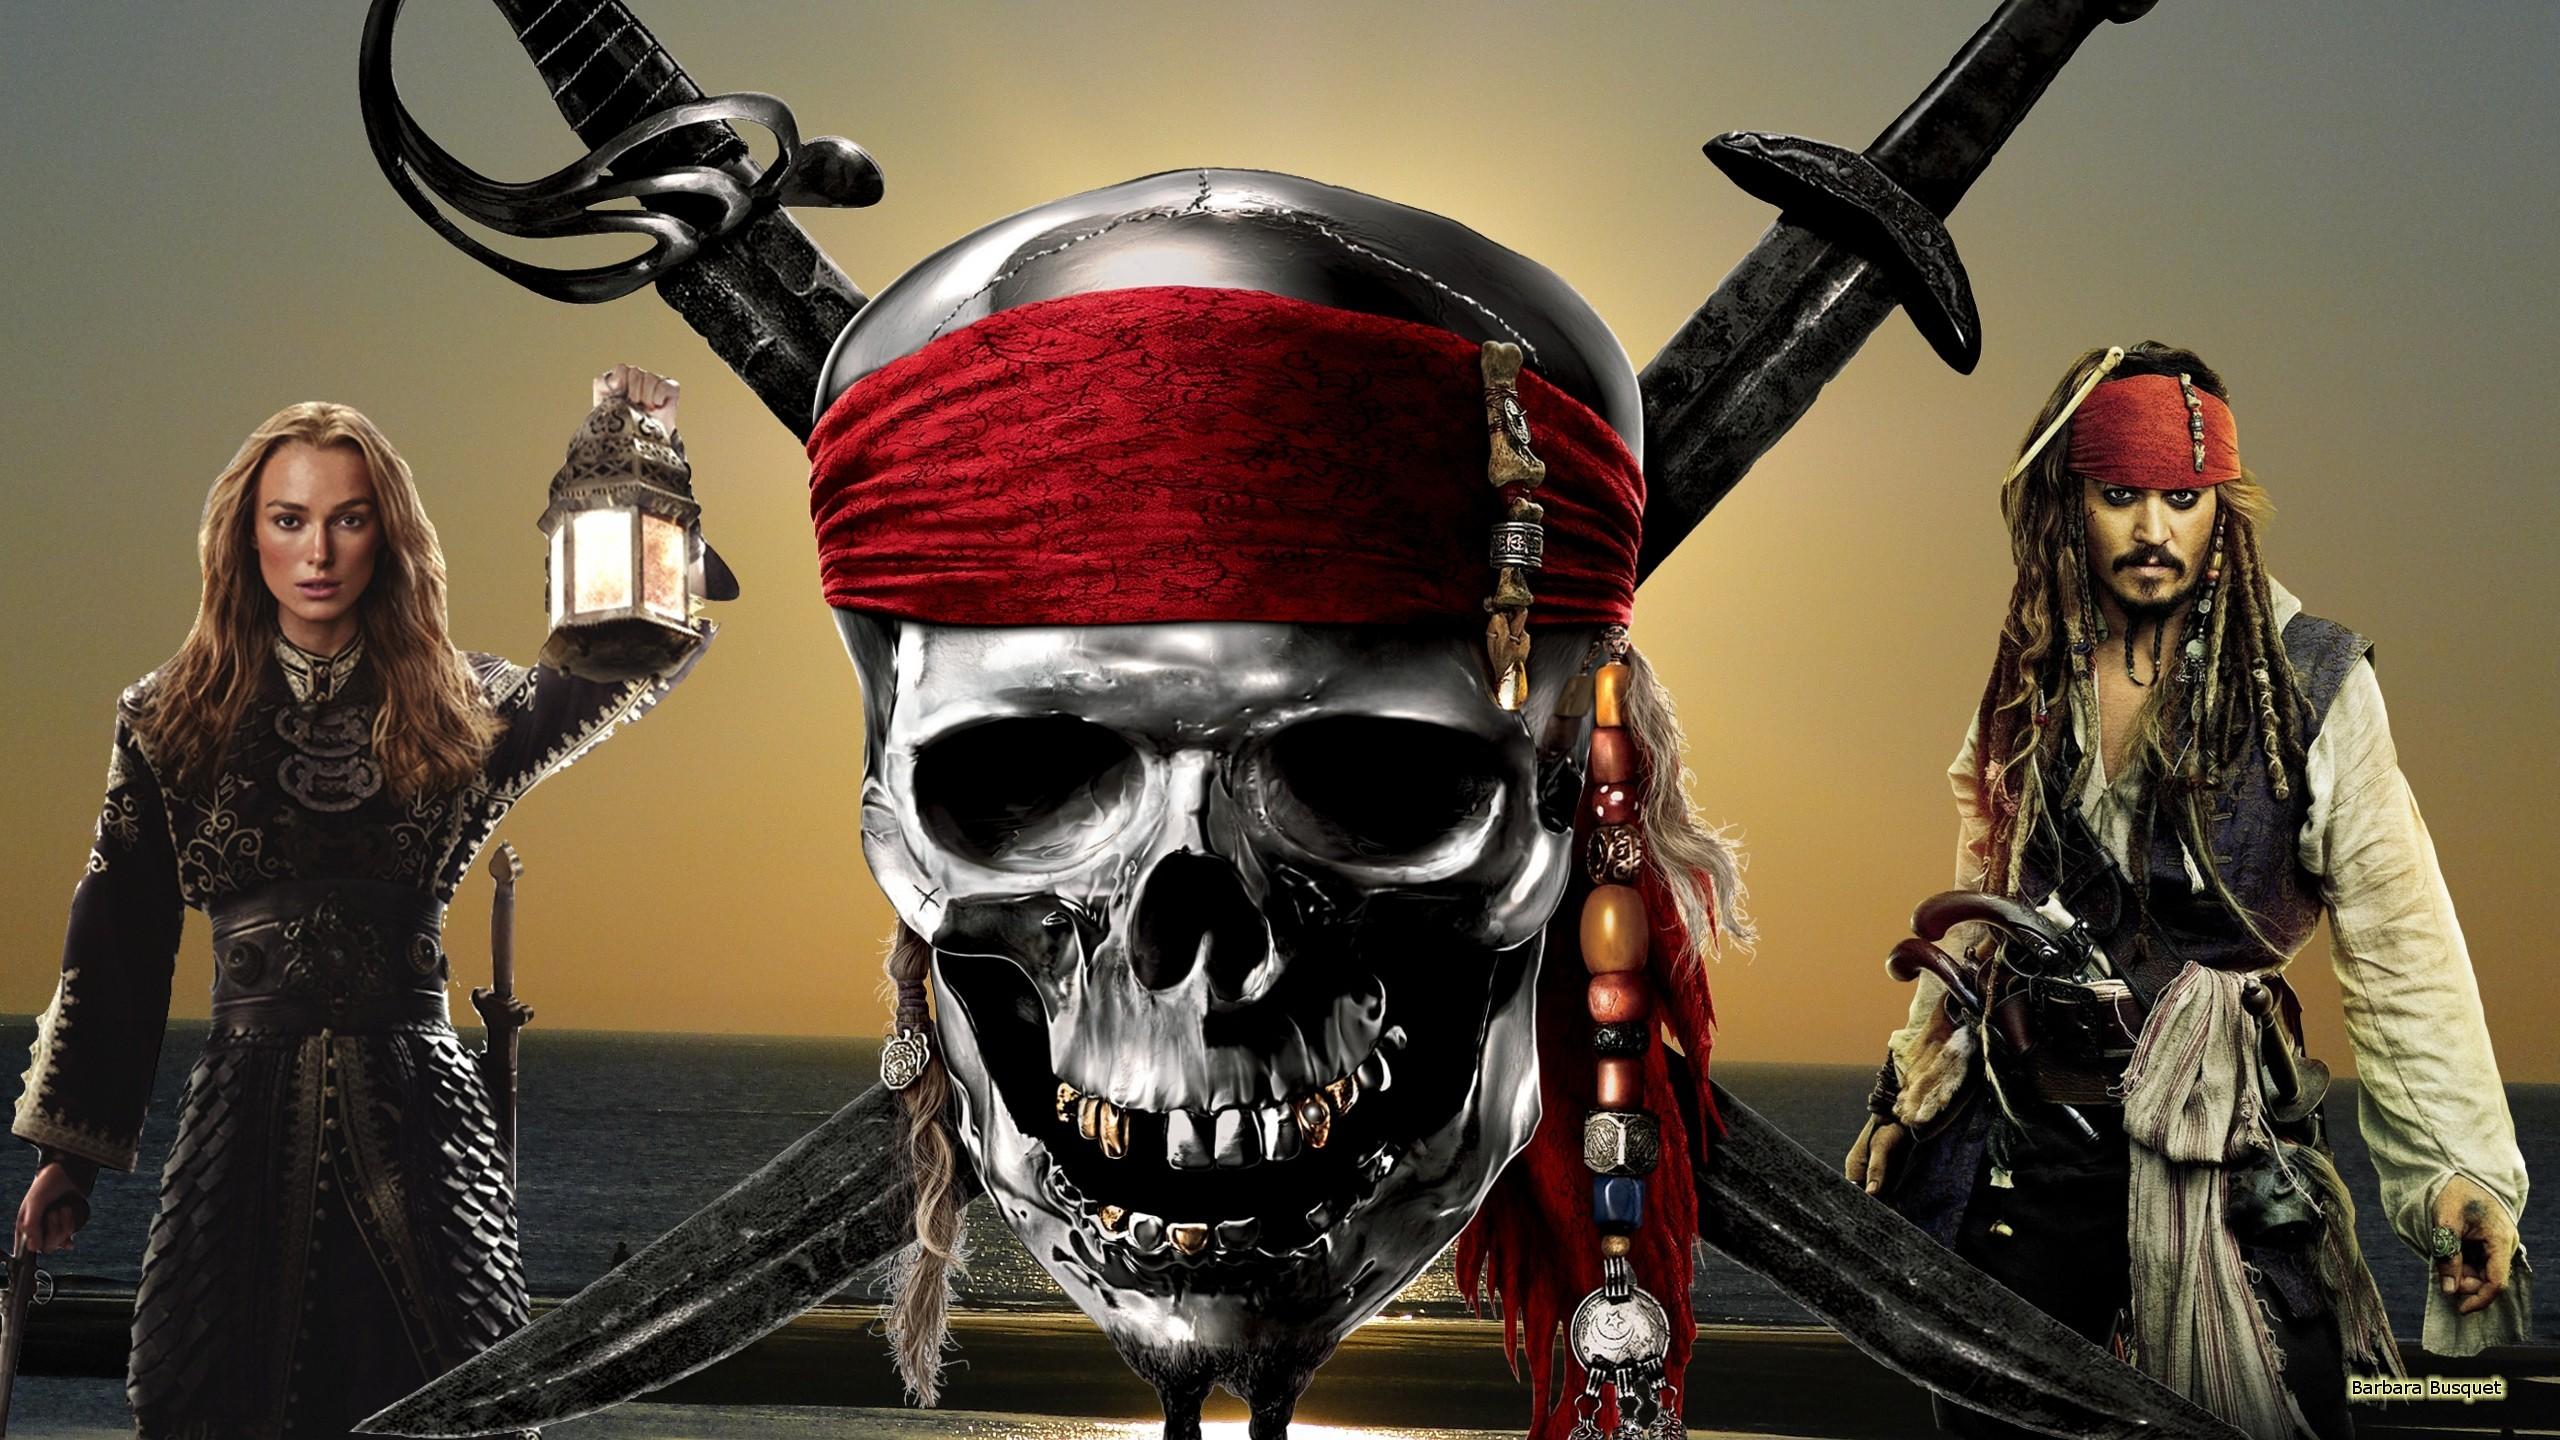 пираты карибского моря 5 обои на рабочий стол 1920х1080 № 220158 бесплатно